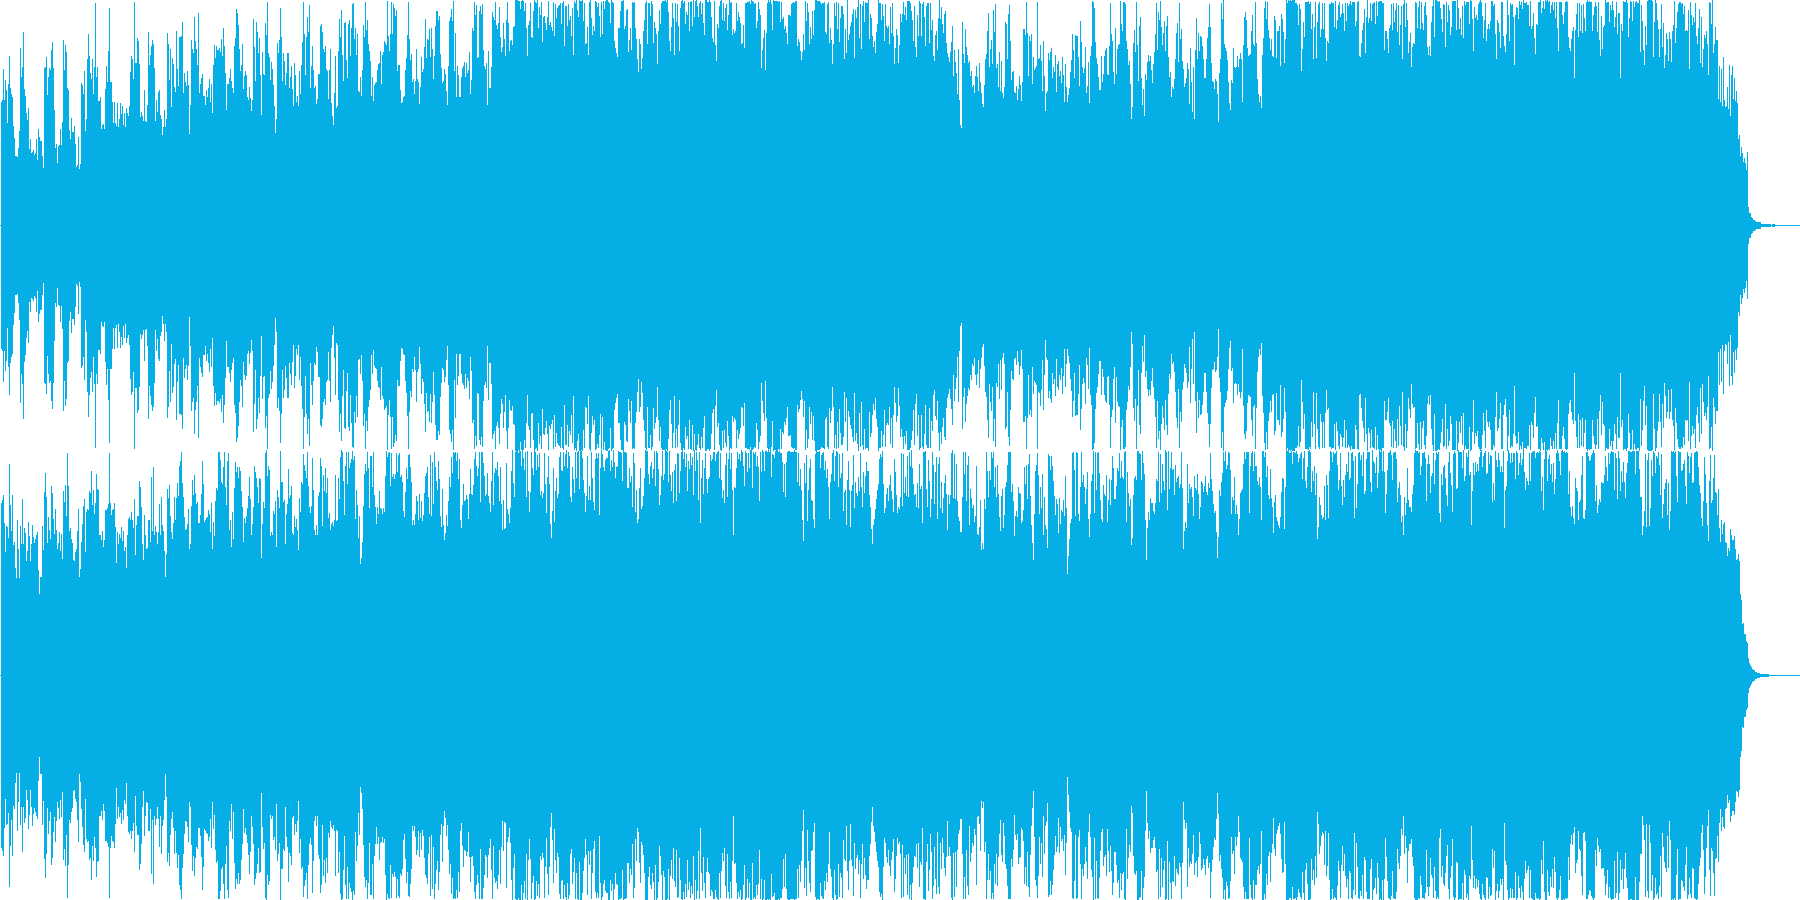 レスキューや出動などの緊迫した場面用音源の再生済みの波形